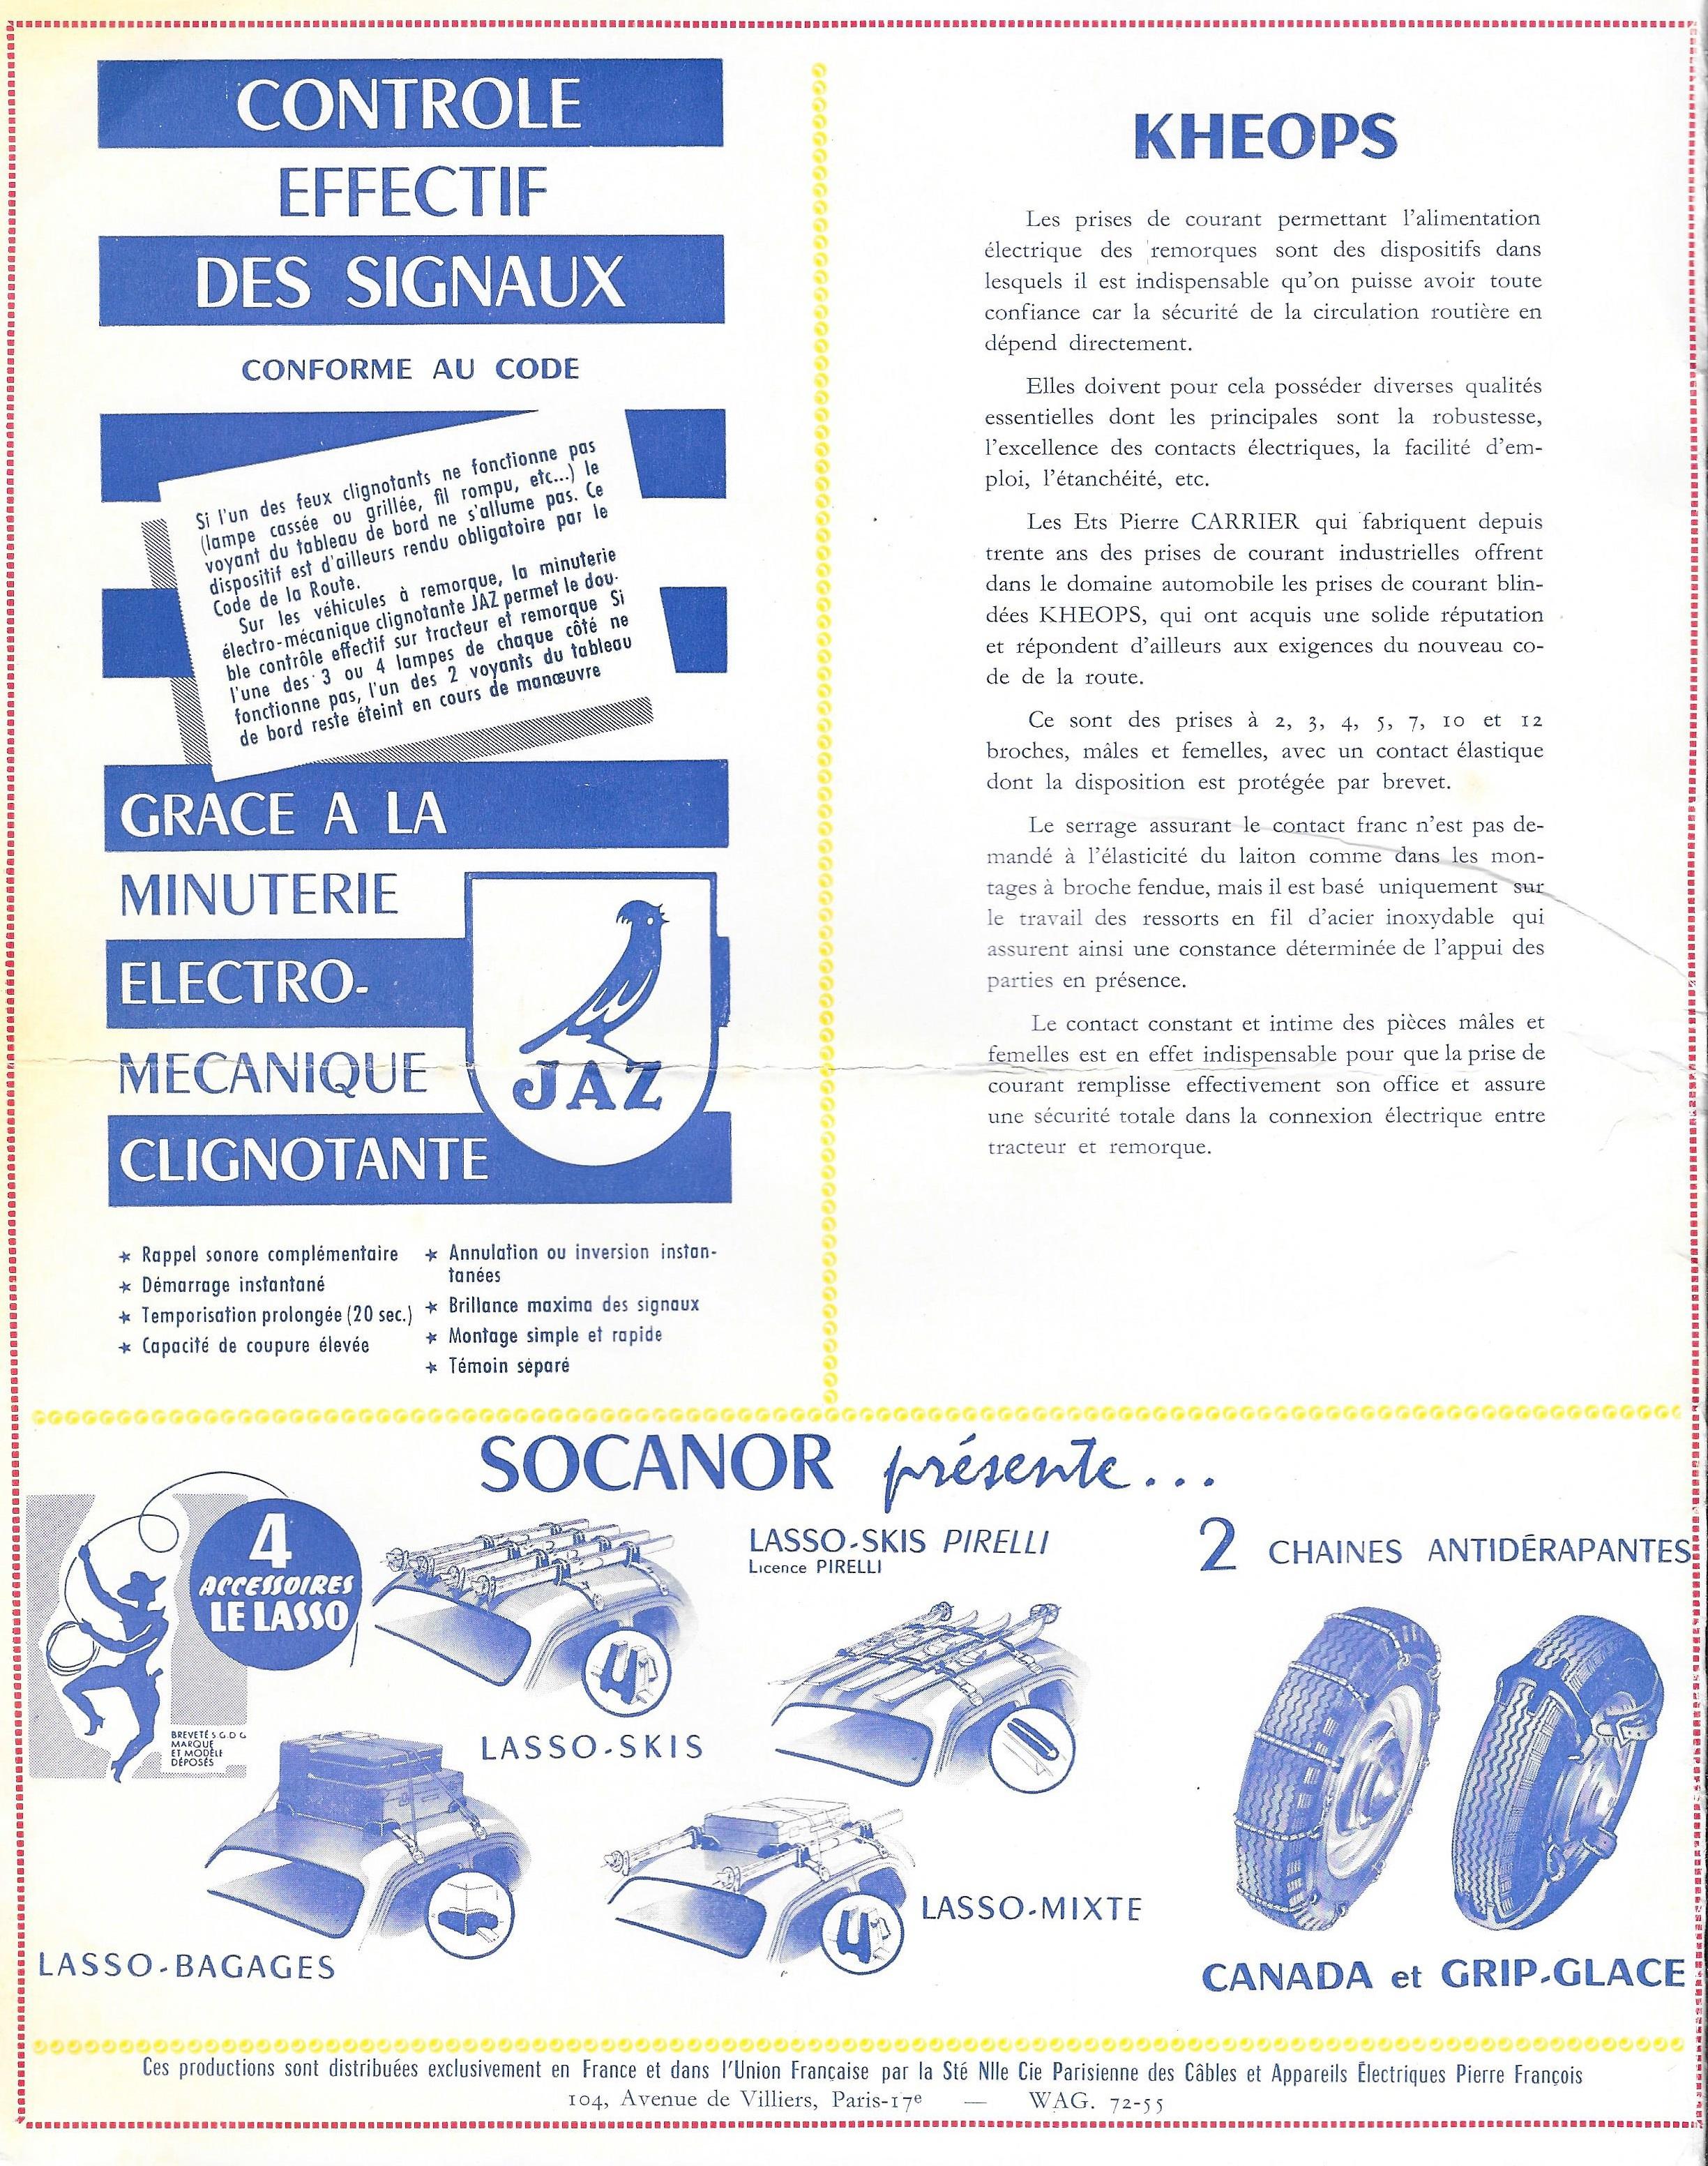 salon de l'auto 1957 1958 couverture 2